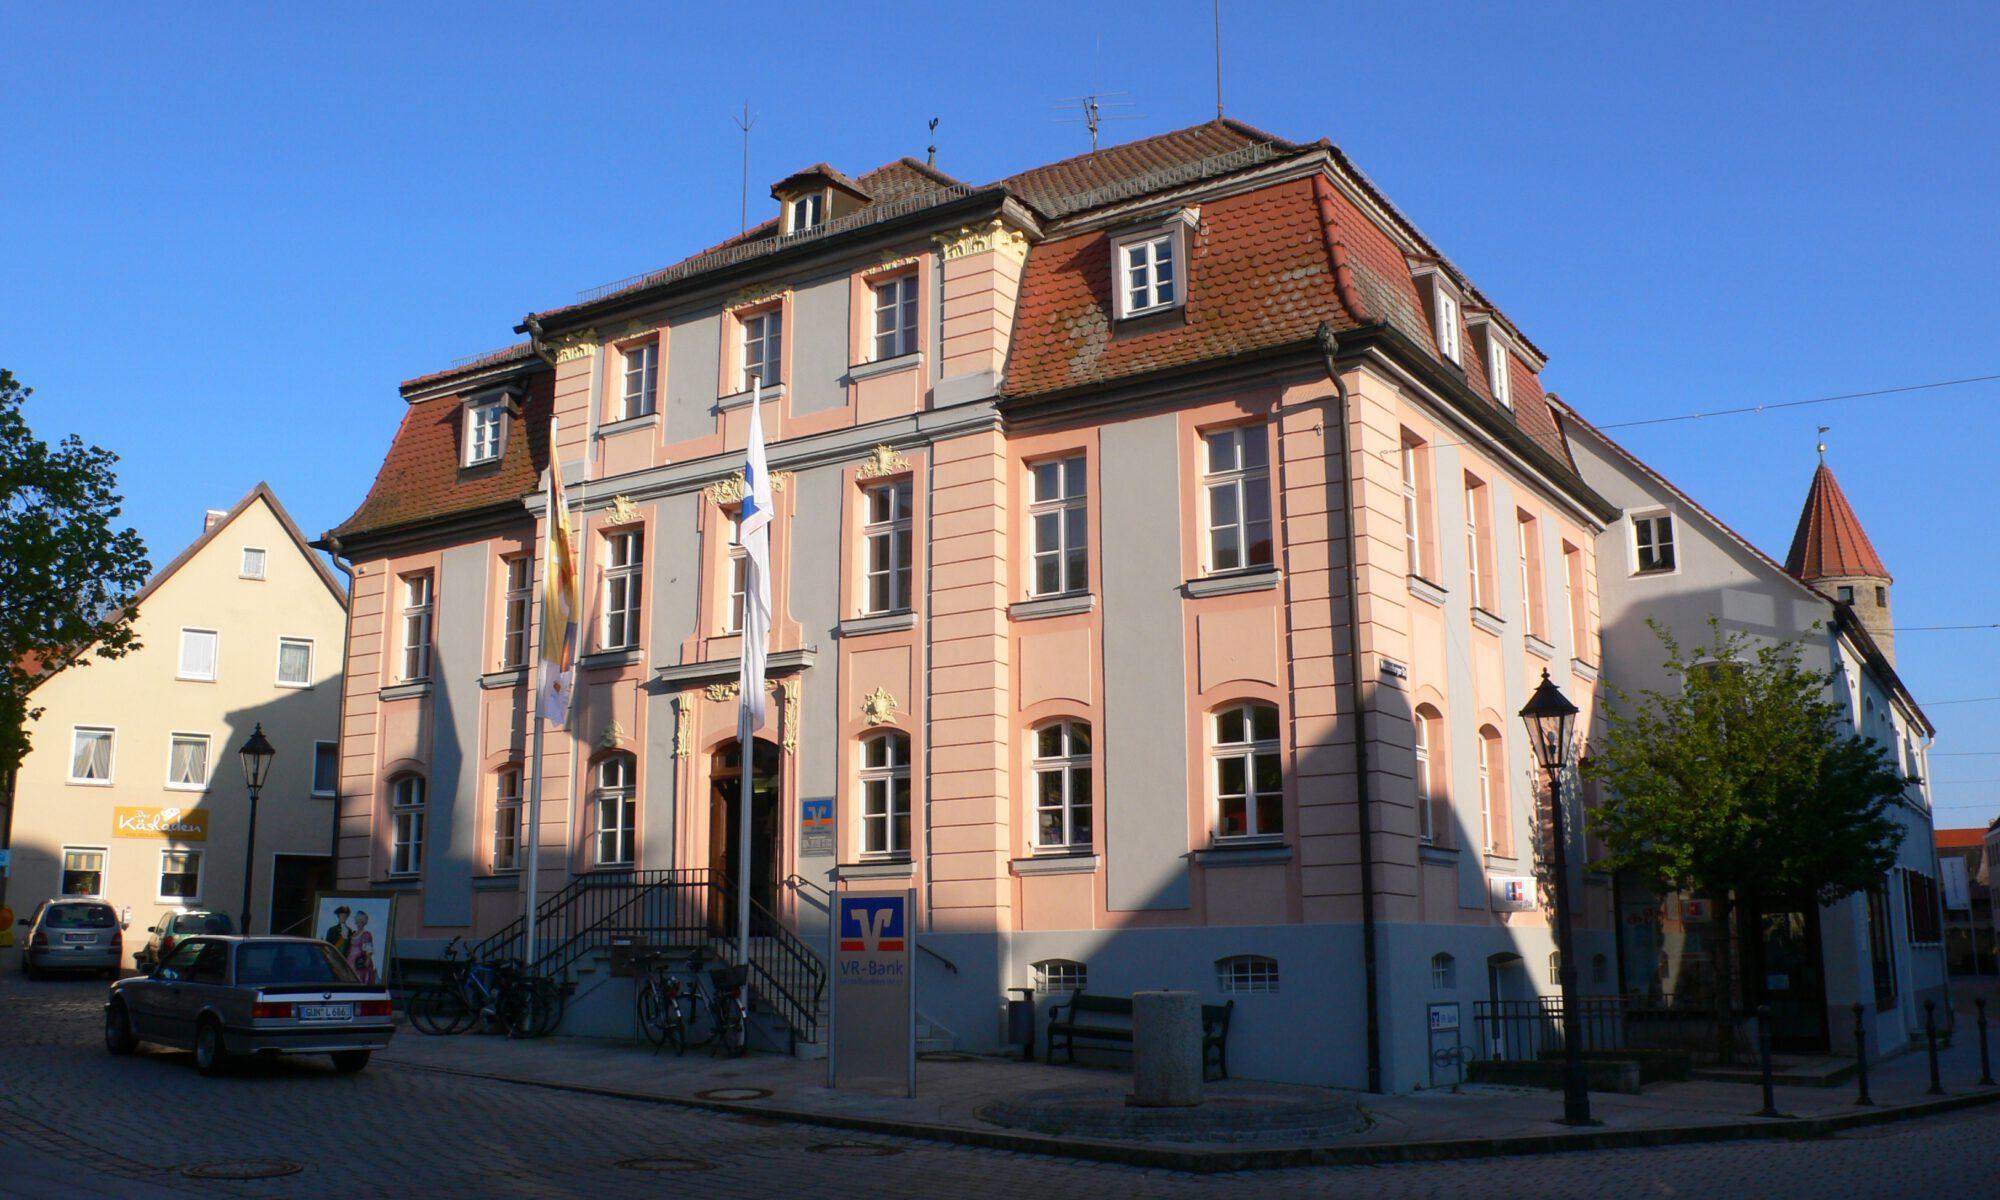 Palais Heydenab GunzenhausenHeydenabsches Haus| Markgrafen zu Ansbach Foto:Die Ansbachische Markgrafenstraße